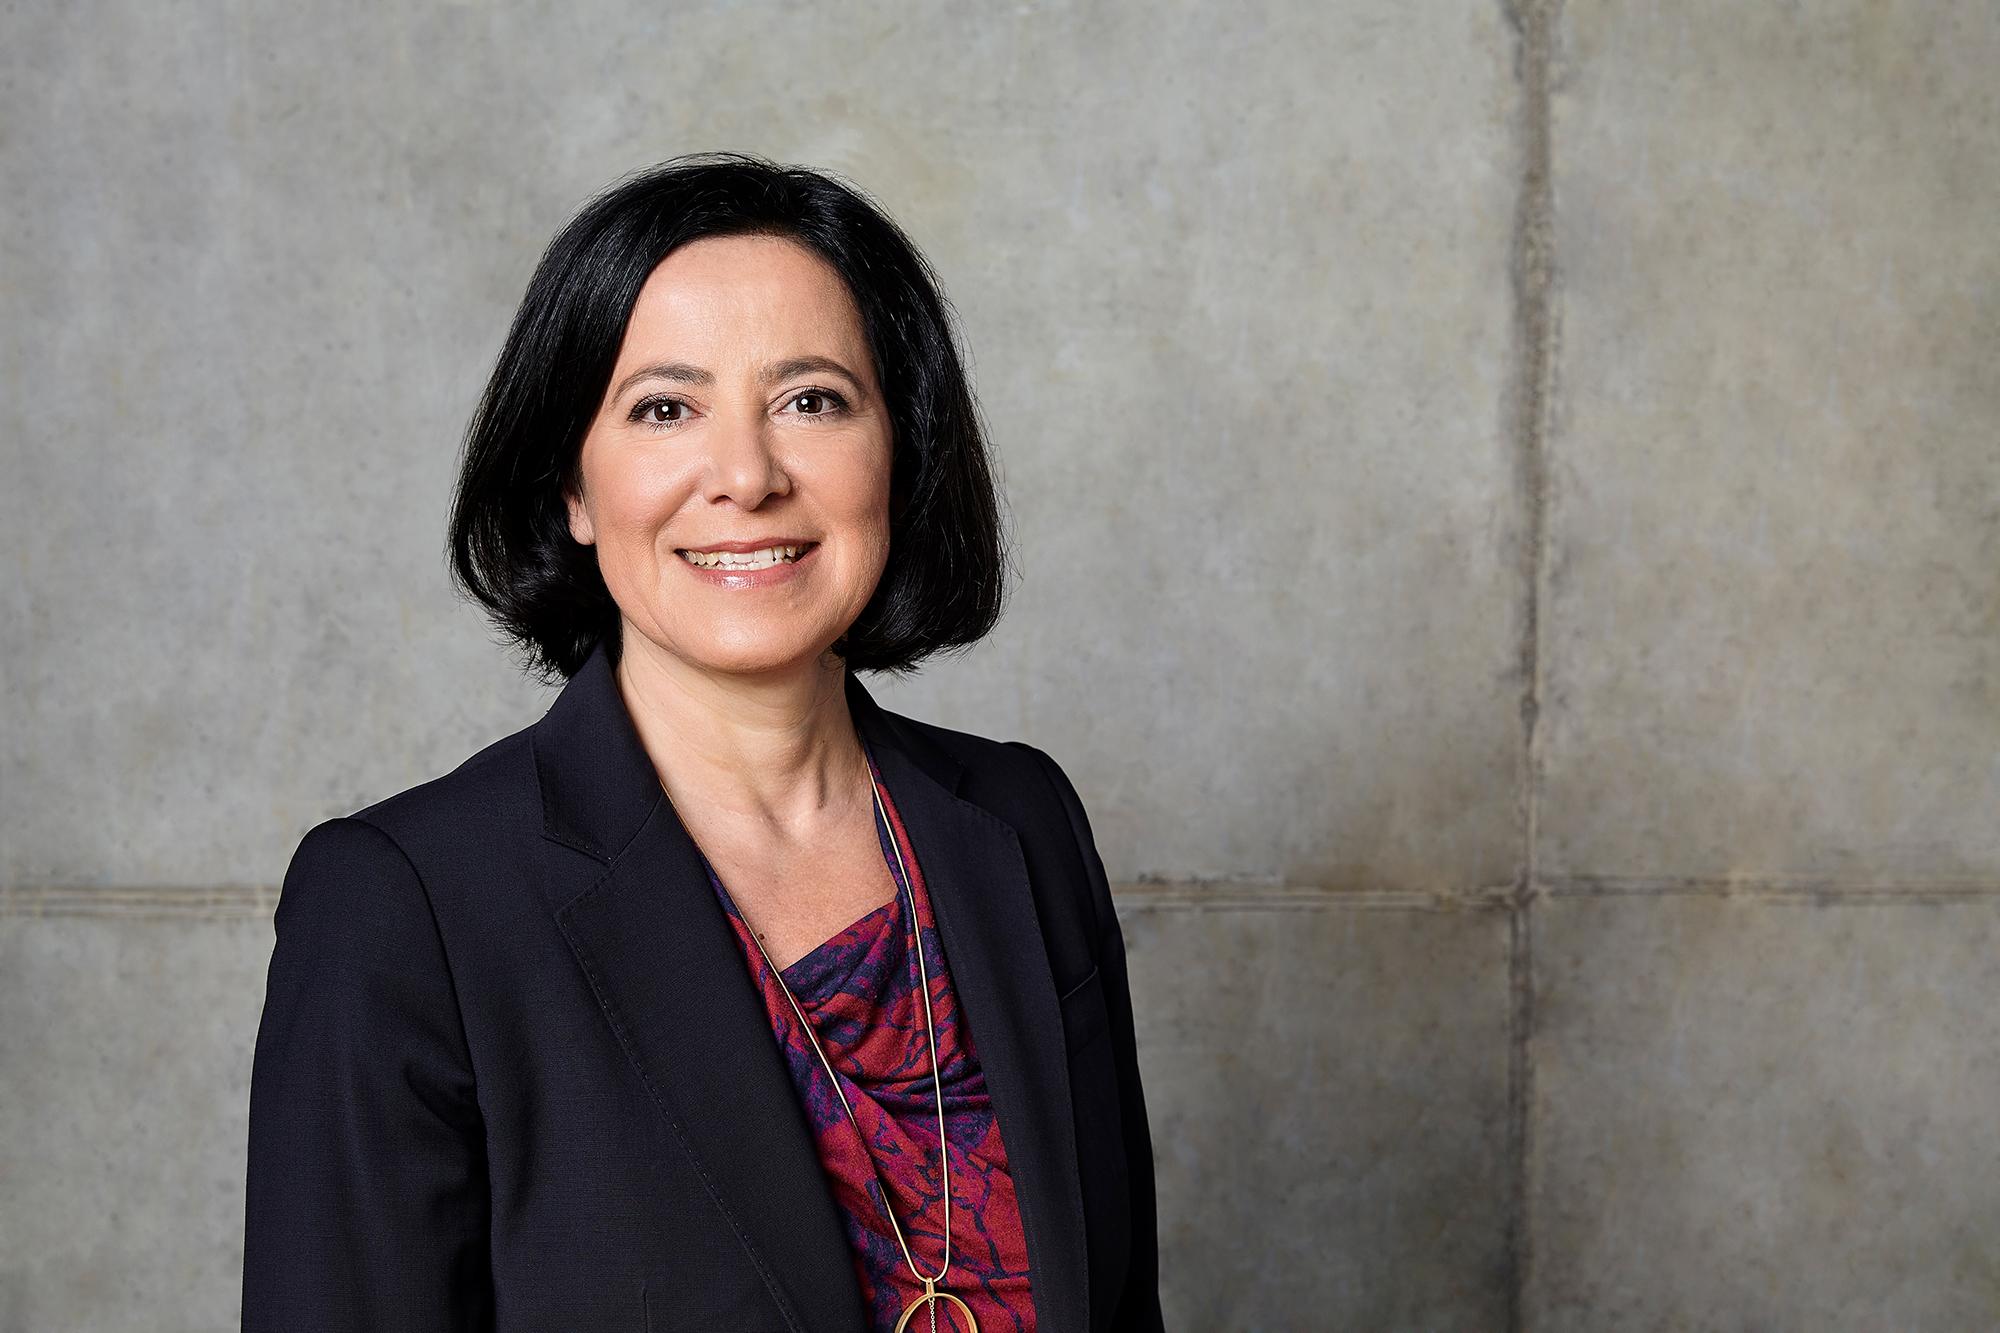 Maria Kofidou